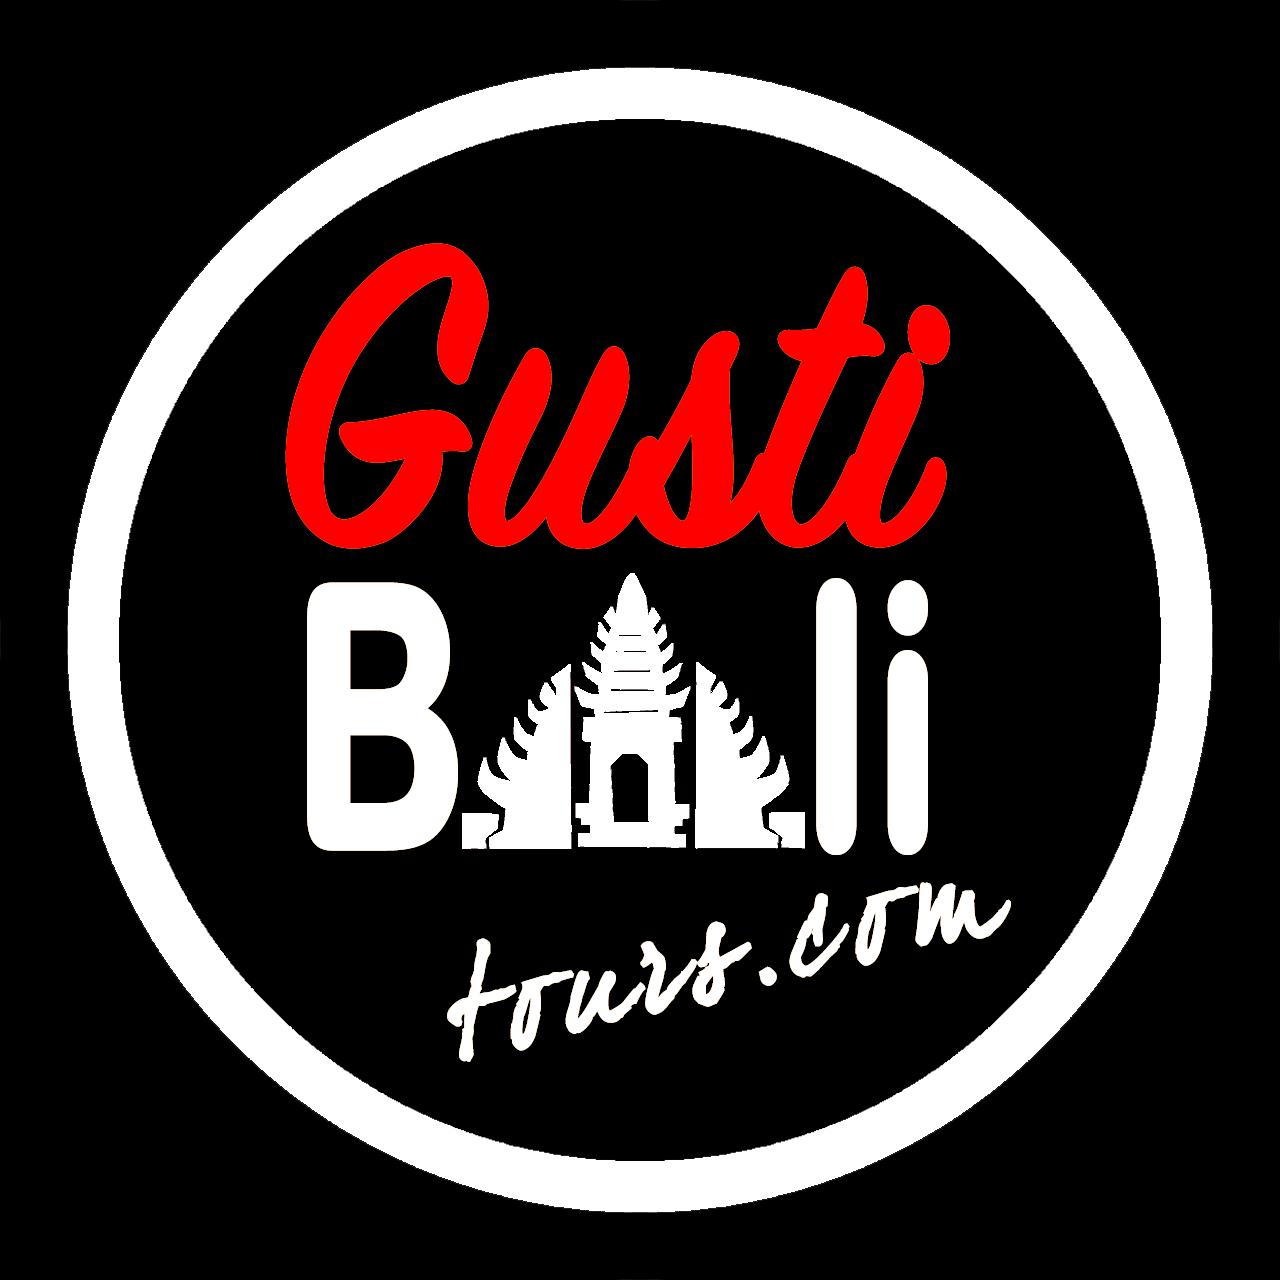 Gusti Bali Tours